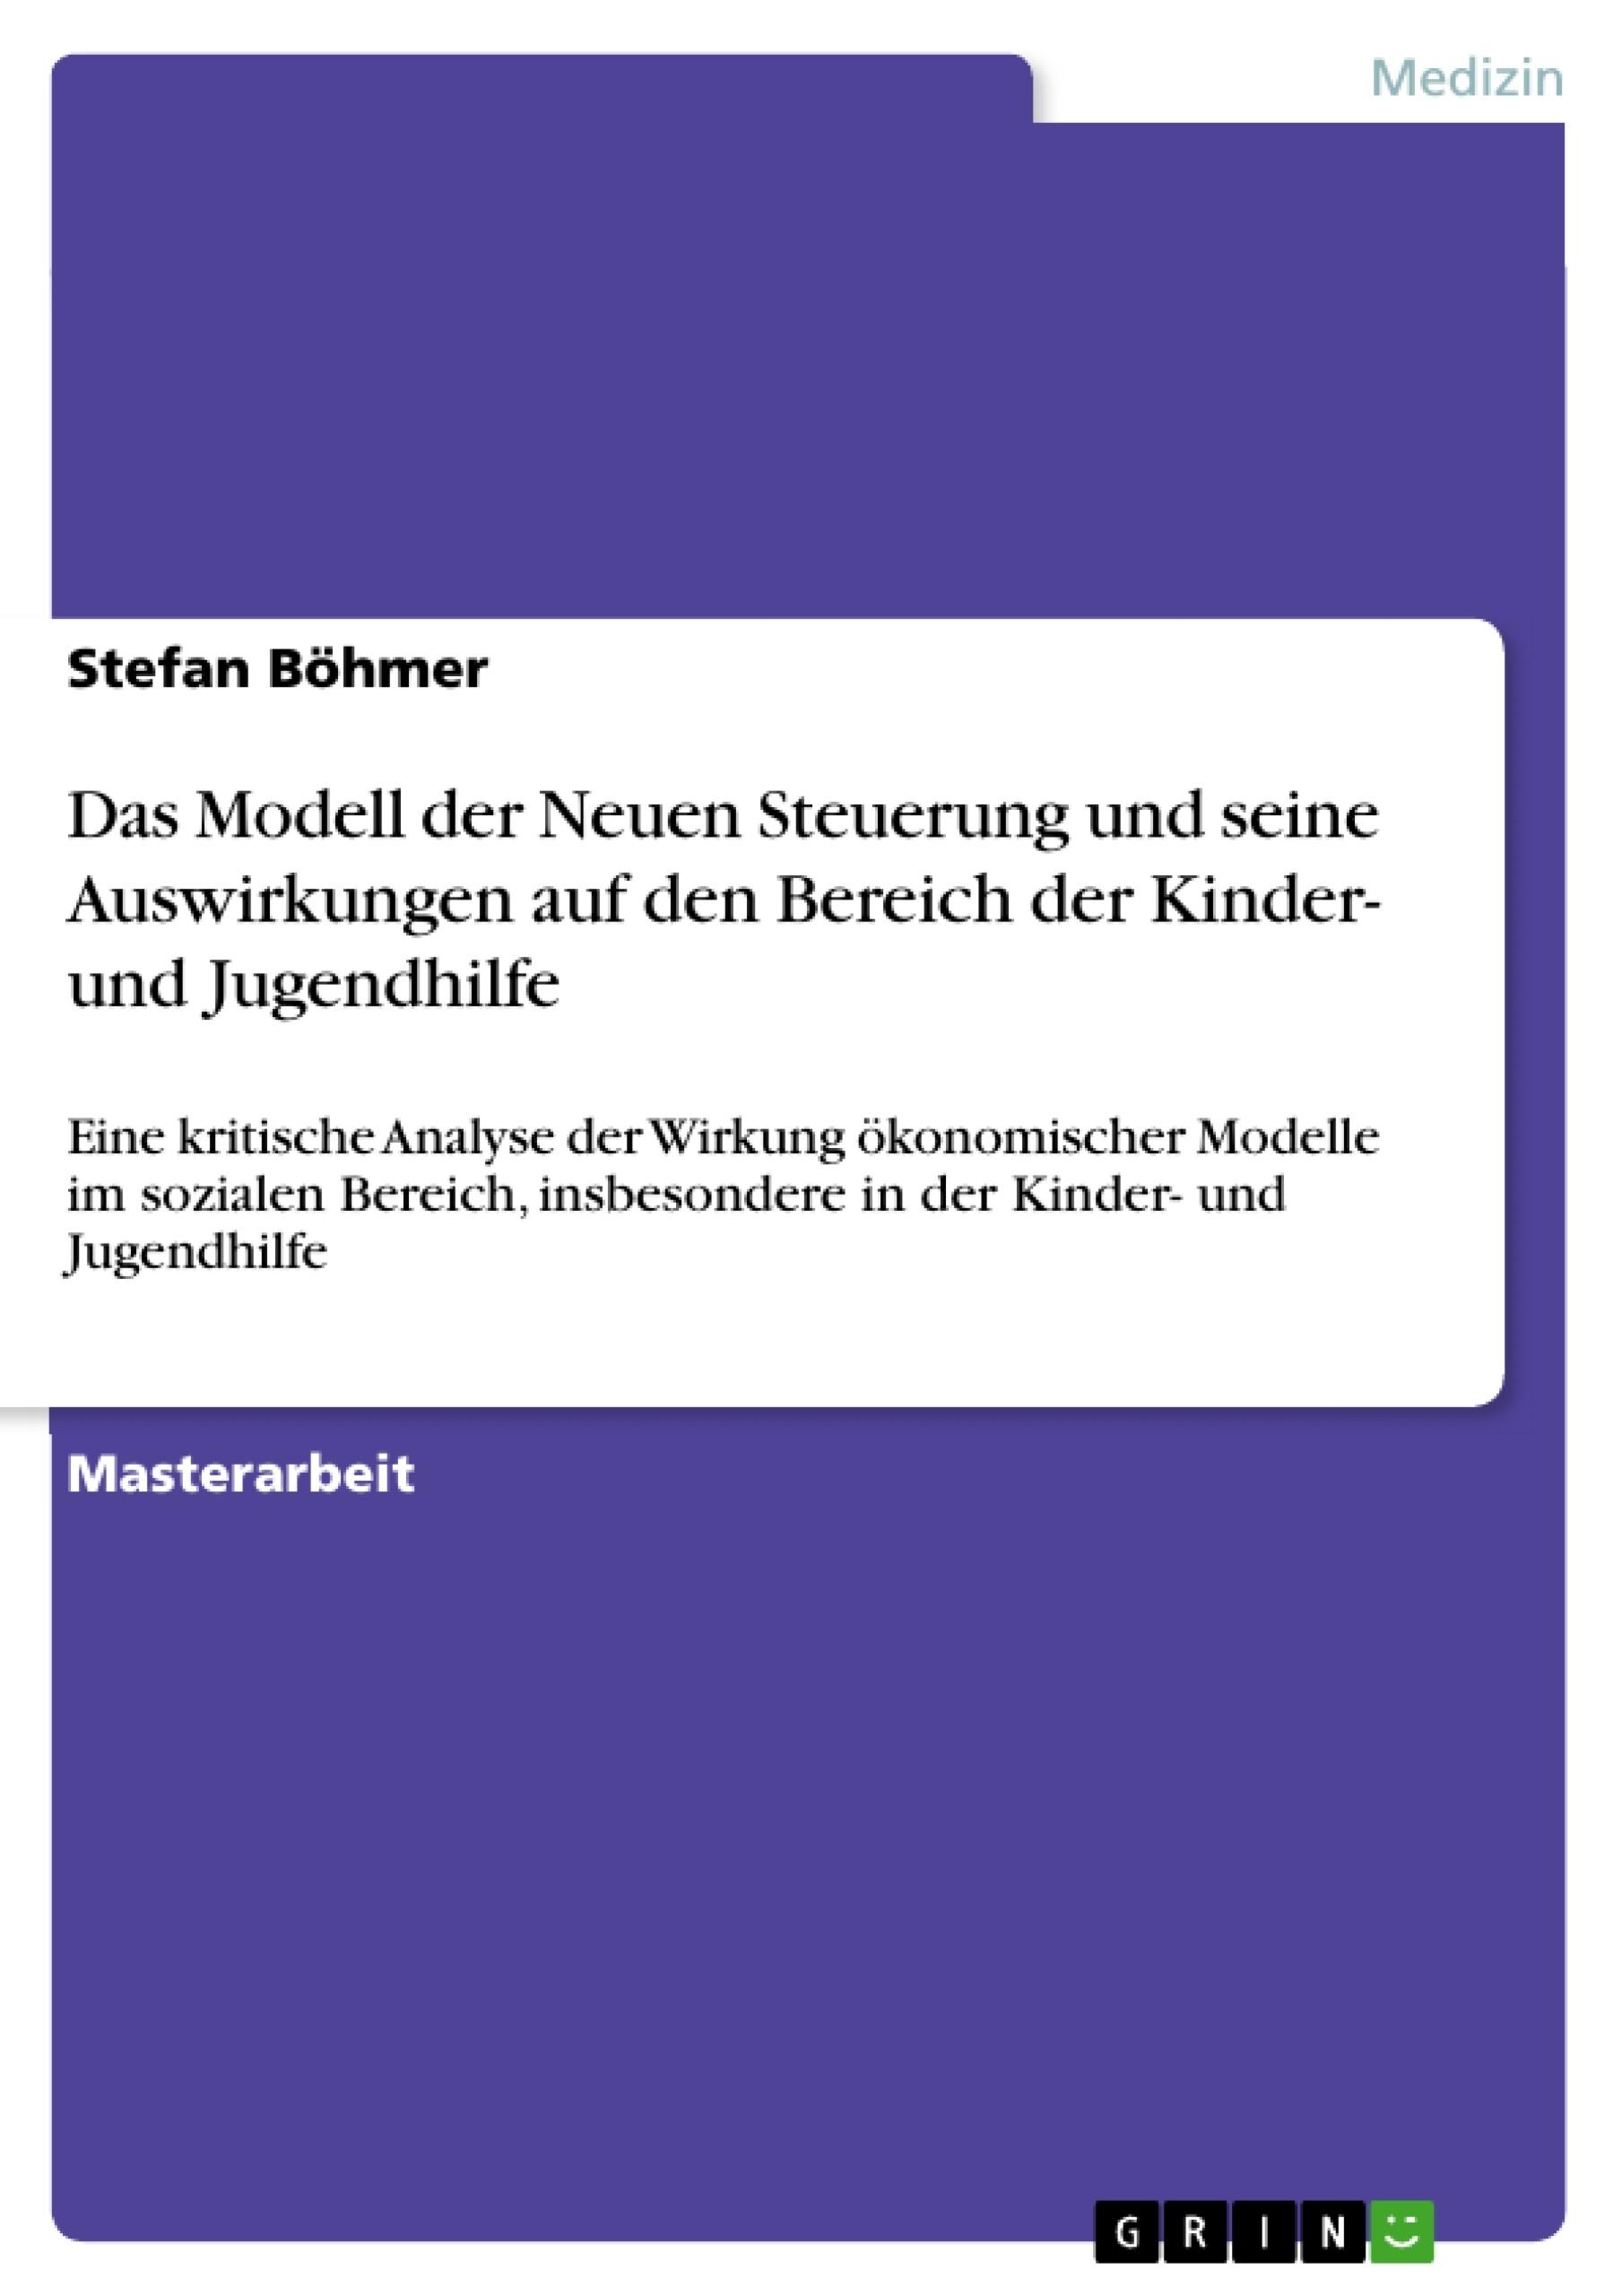 Titel: Das Modell der Neuen Steuerung und seine  Auswirkungen auf den Bereich der Kinder- und Jugendhilfe